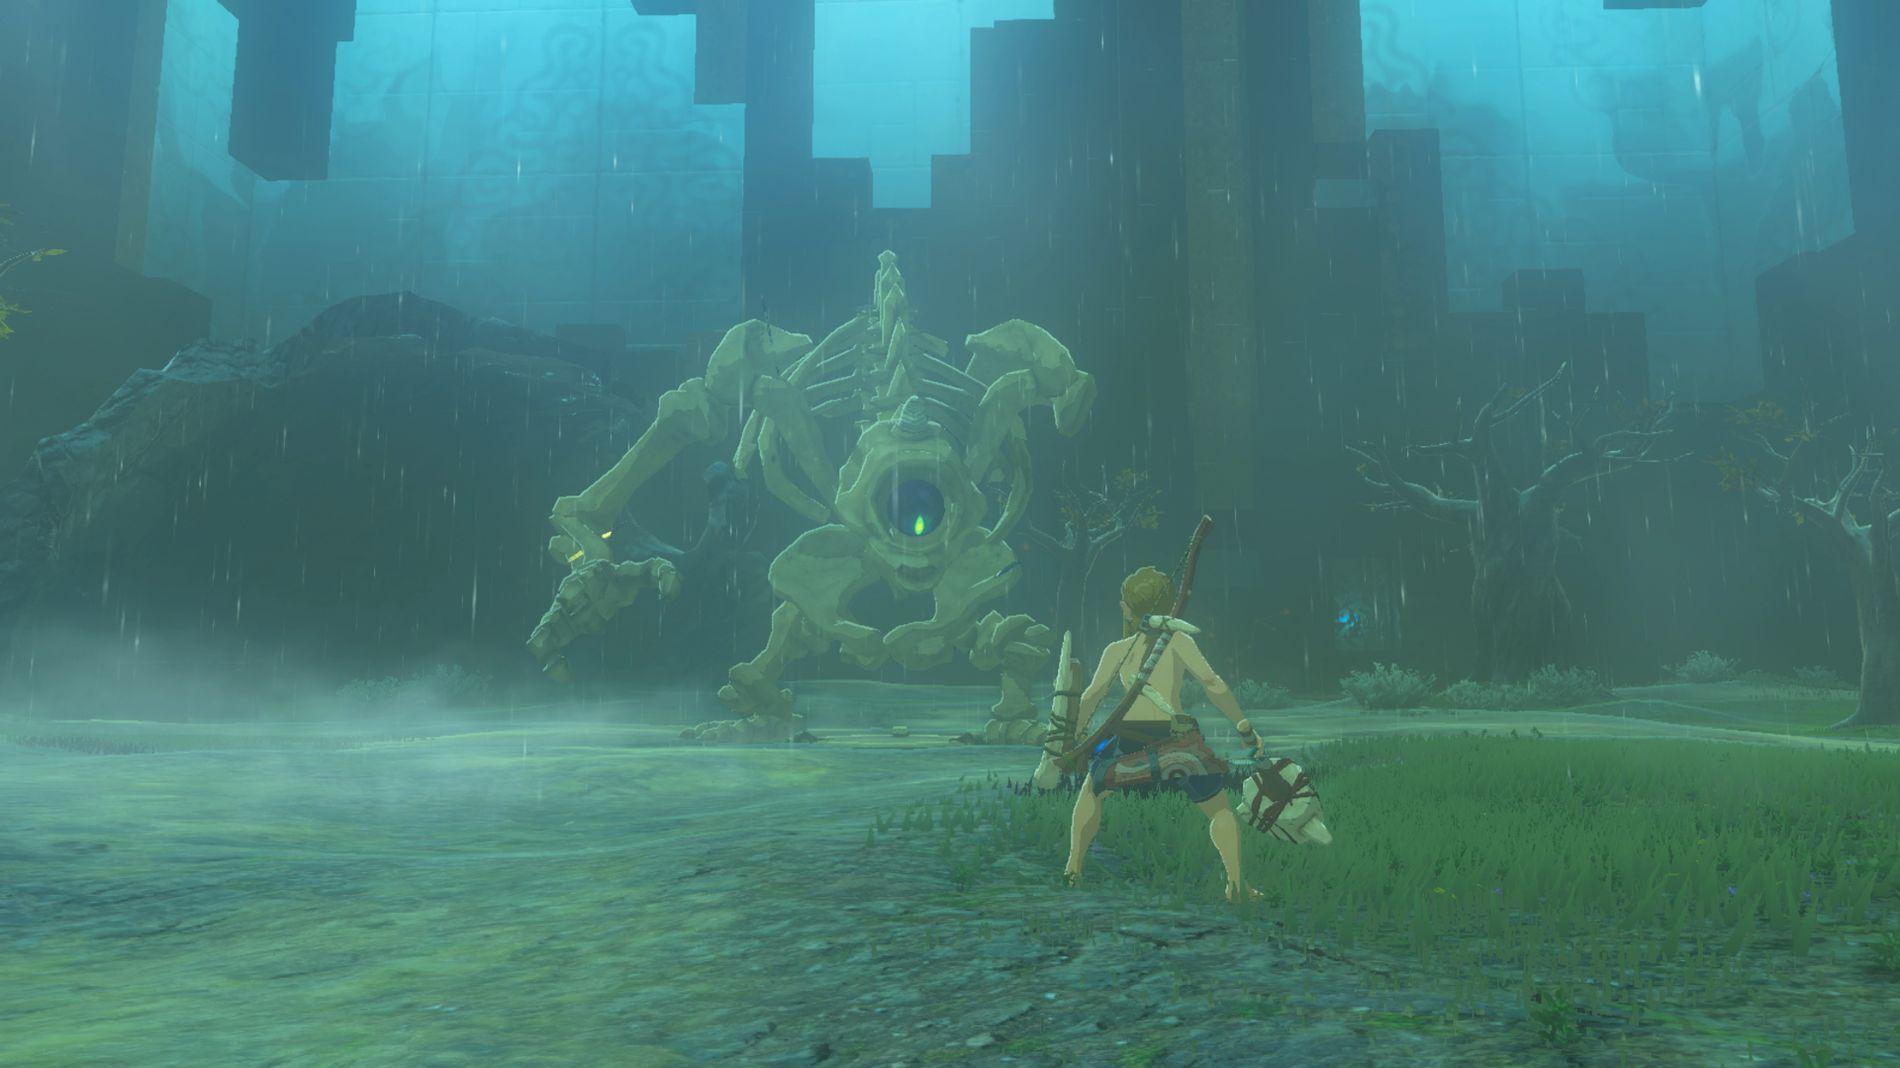 Legend Of Zelda Breath Of The Wild Wallpaper Hd The Legend Of Zelda Breath Of The Wild New Trailer And